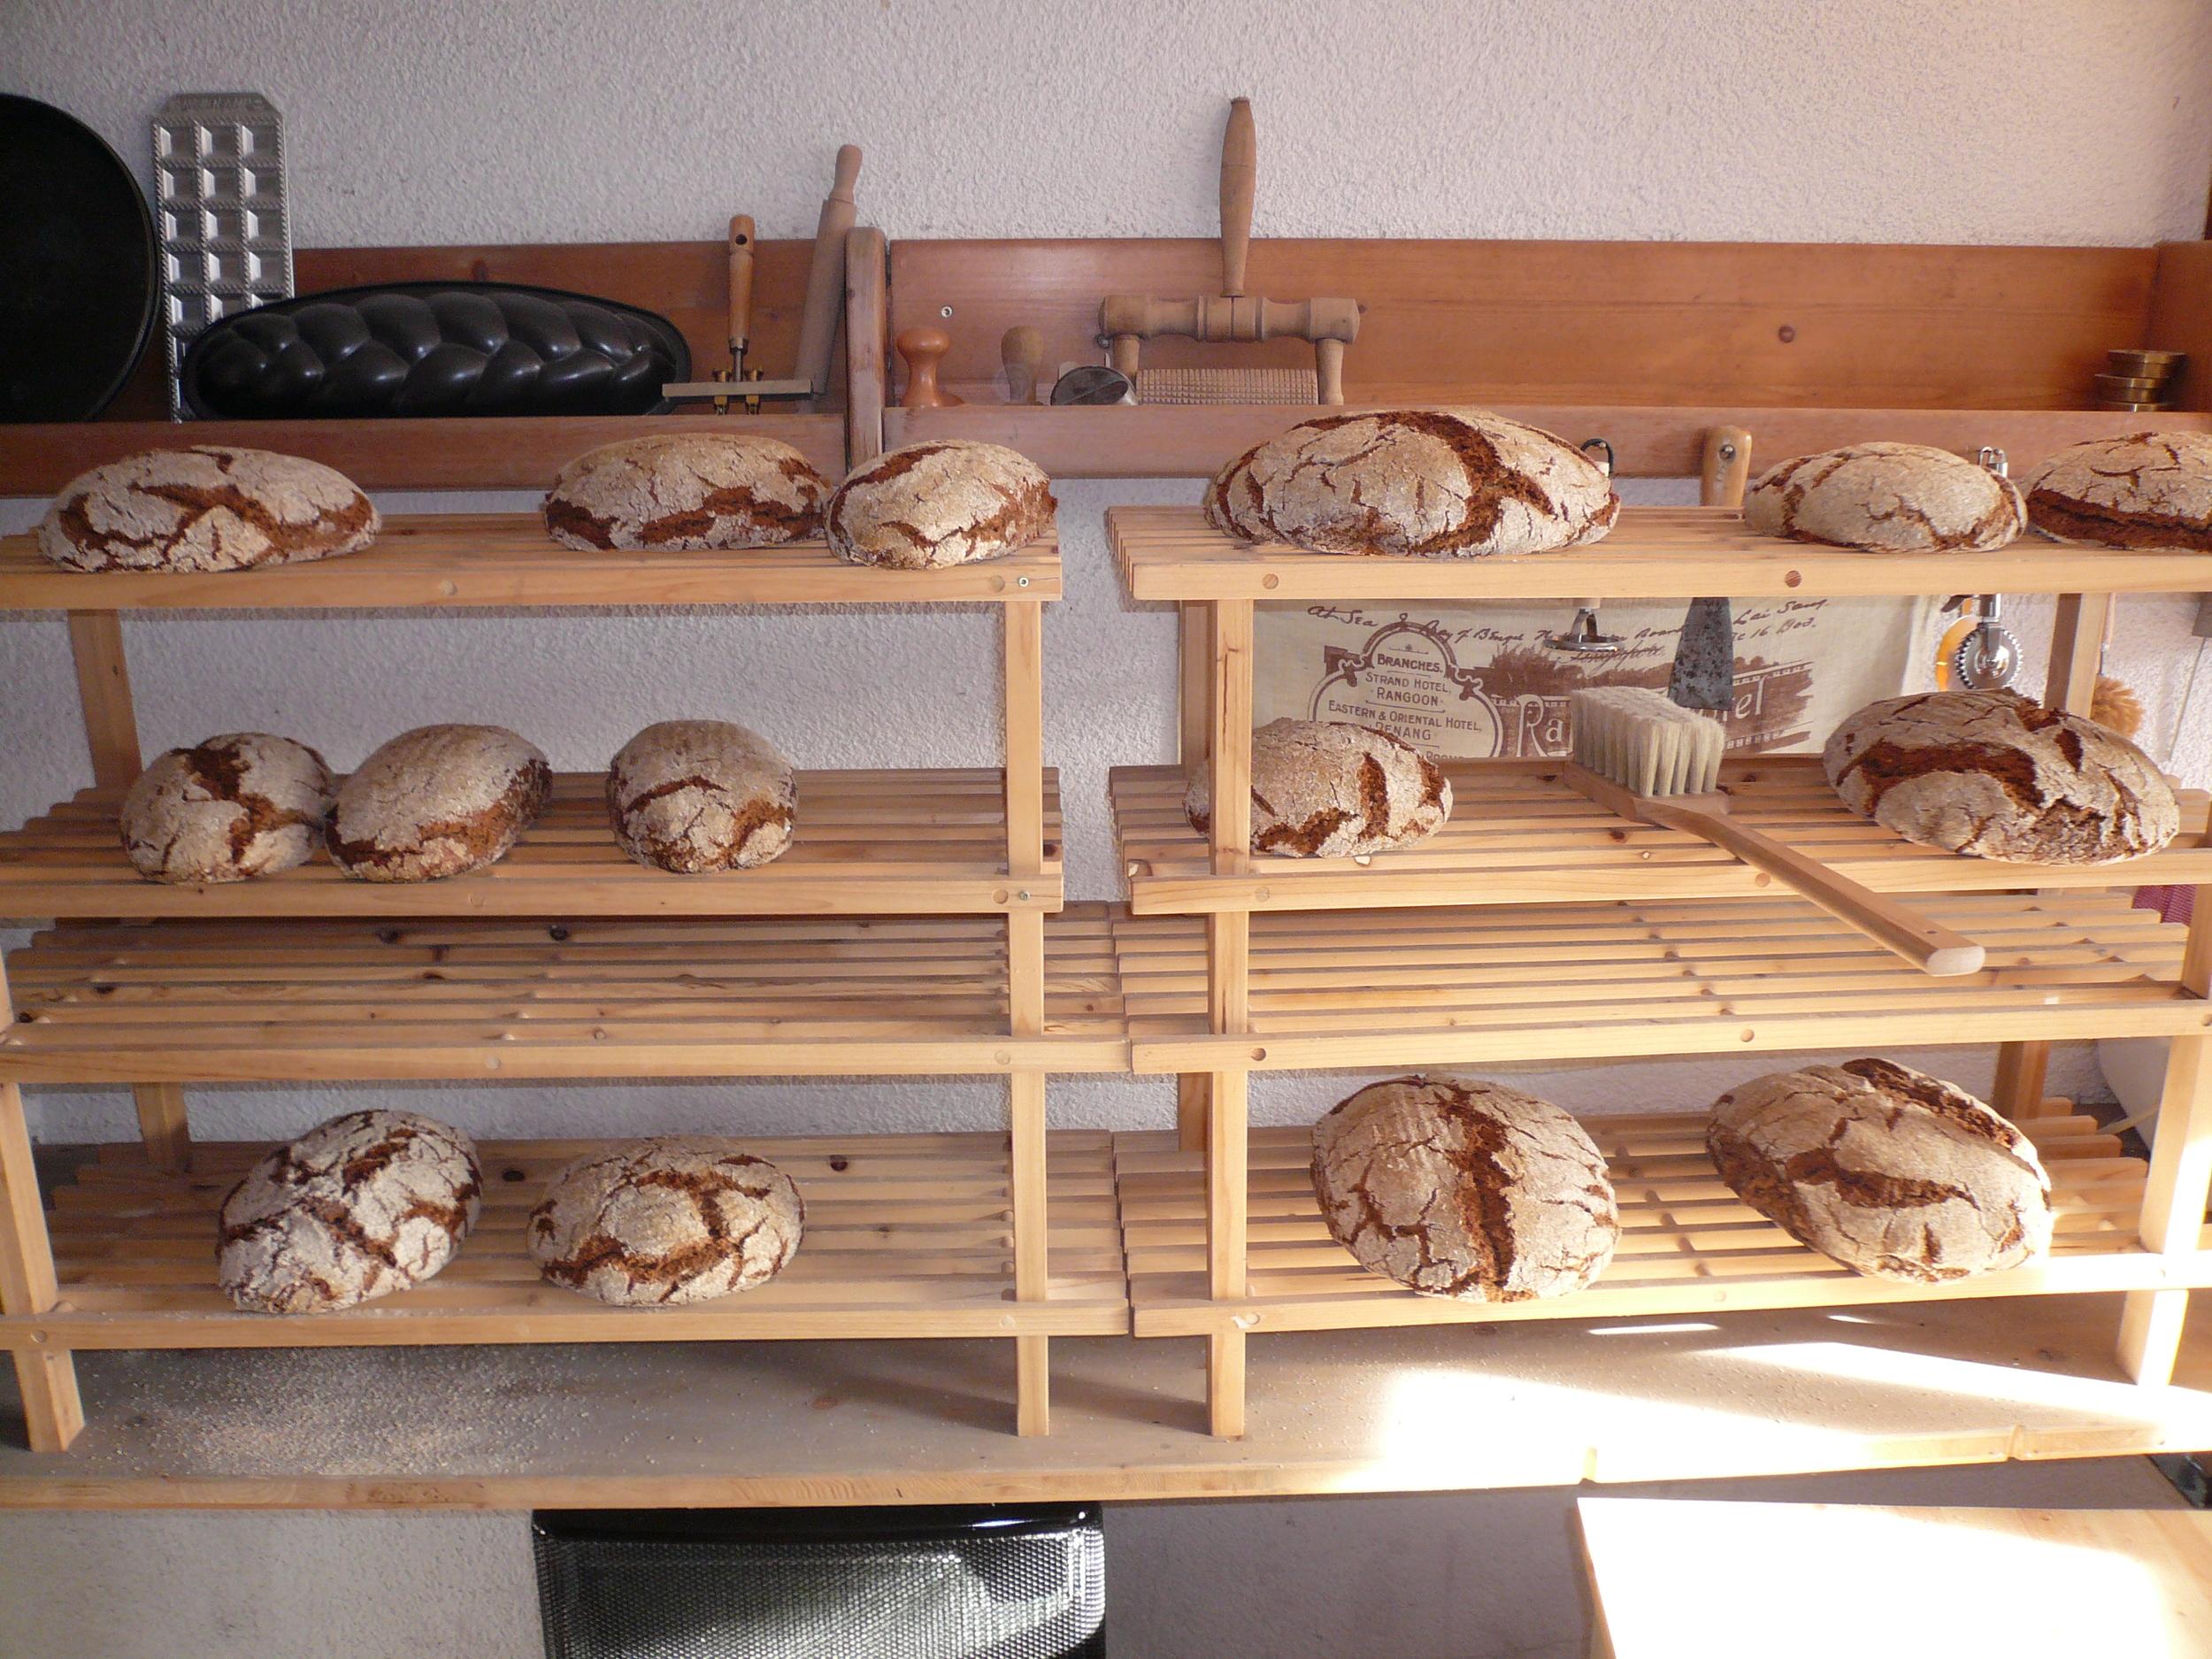 Brot aus dem Backofen